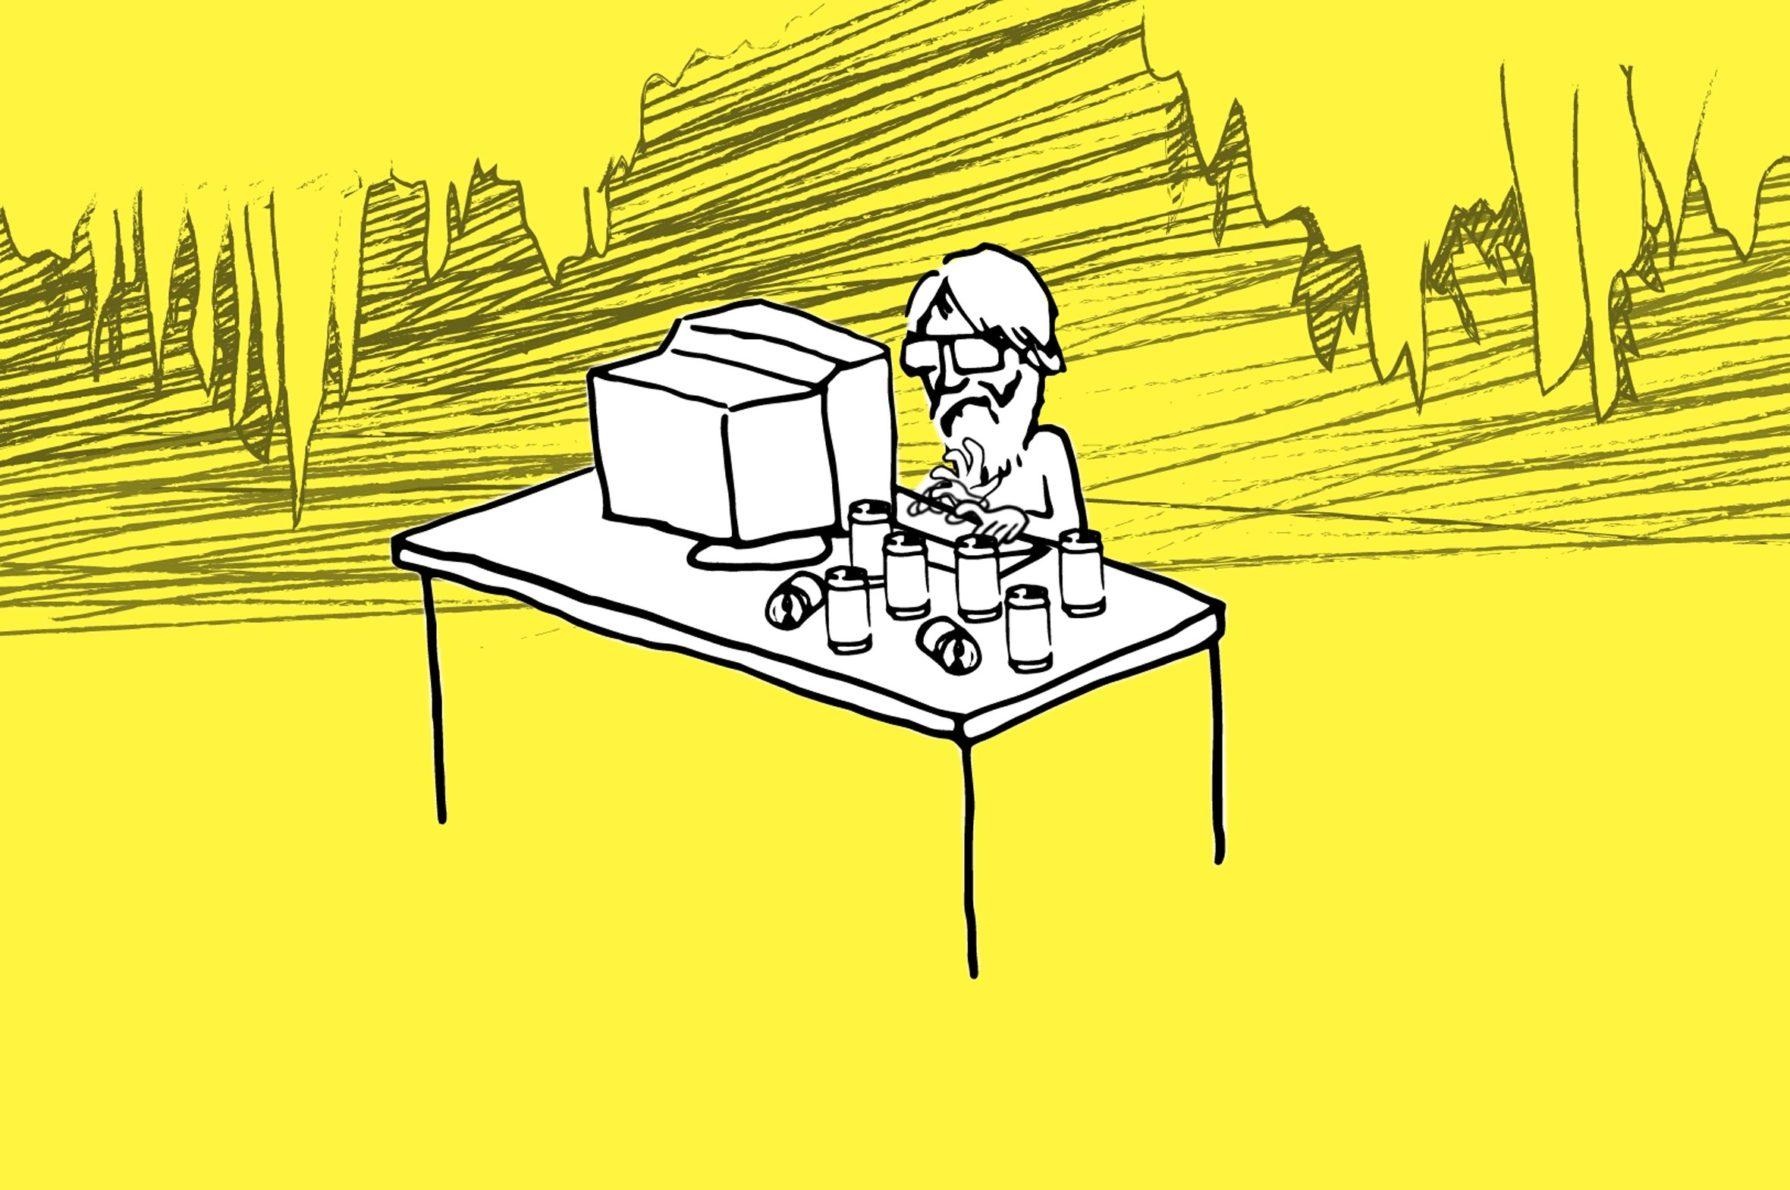 Sketch of programmer at desk. Illustration: Steve Alvey, Michigan Engineering.